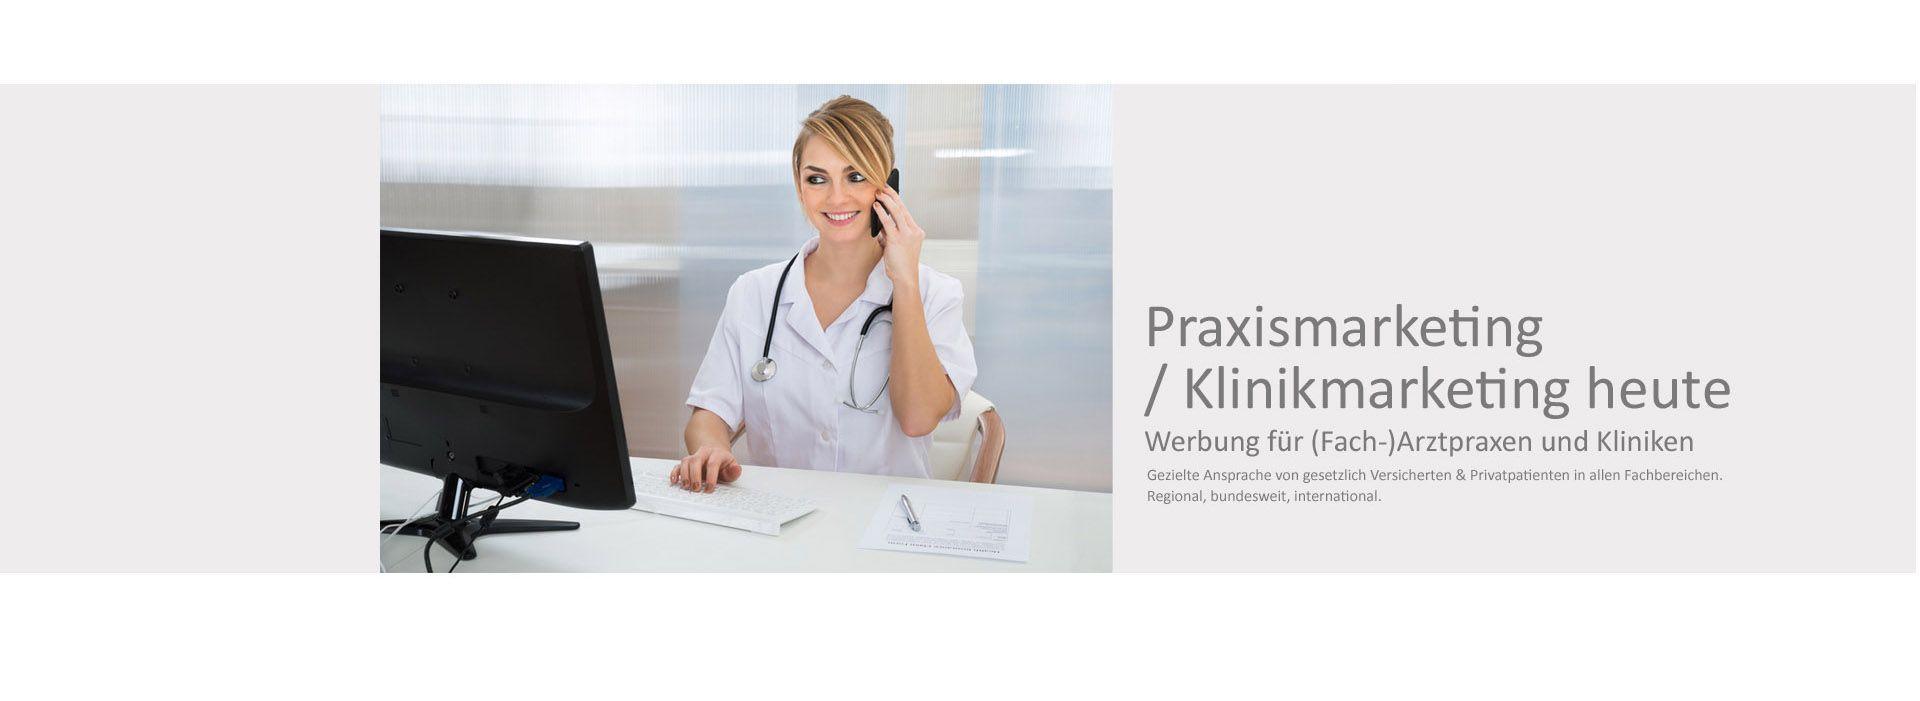 Praxismarketing - Werbung für den Arzt & Zahnarzt